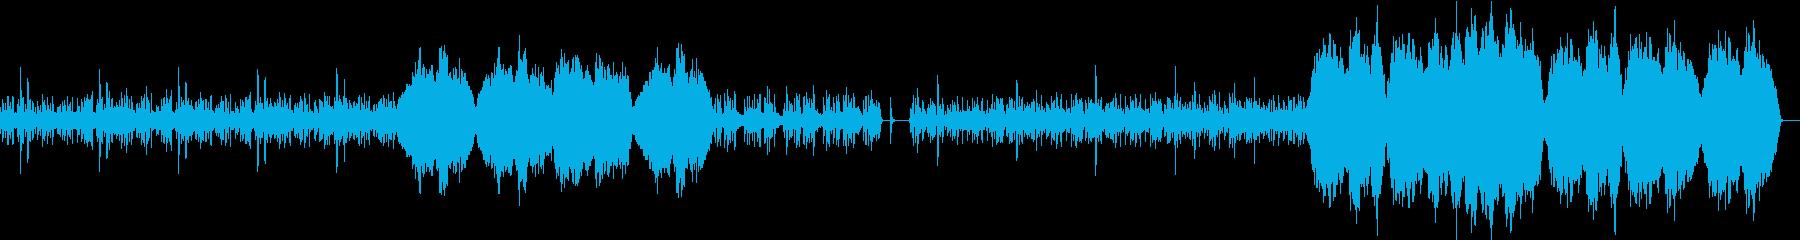 オーケストラによる壮大で幻想的なBGMの再生済みの波形